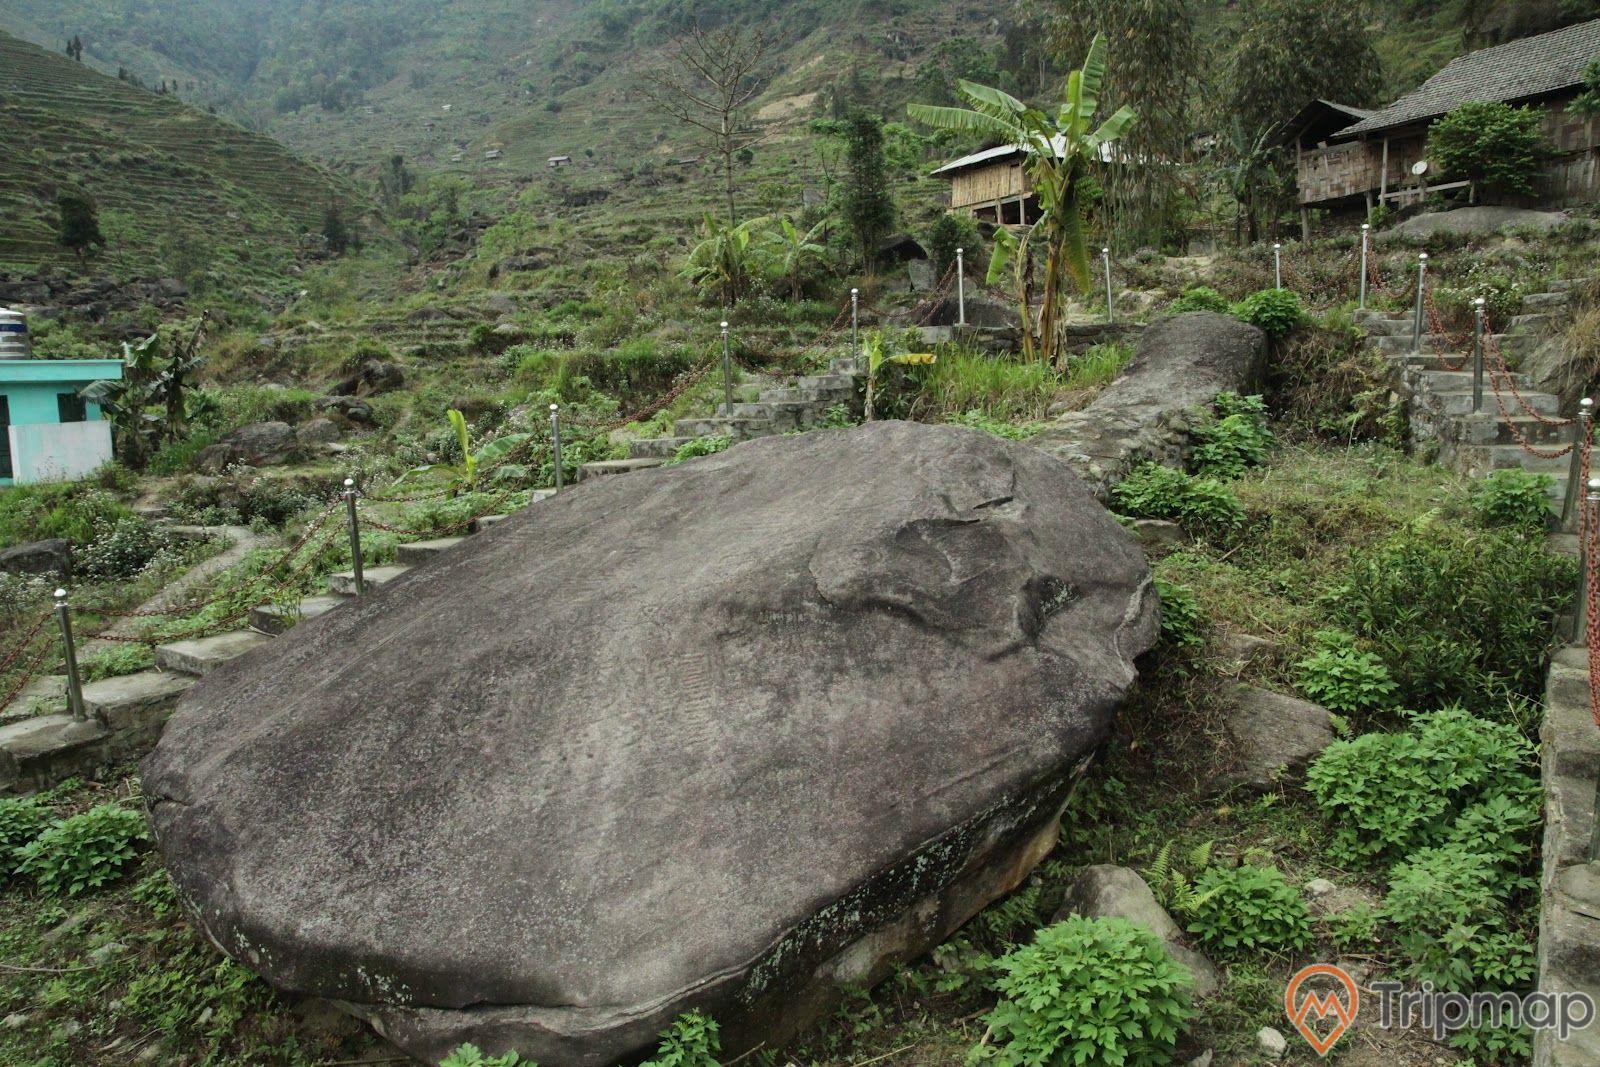 Phiến đá được bảo tồn tại khu di tích bãi đá cổ Nấm Dẩn, cỏ cây xanh tươi quanh phiến đá cổ, ngôi nhà sàn phía trên ảnh chụp ngoài trời